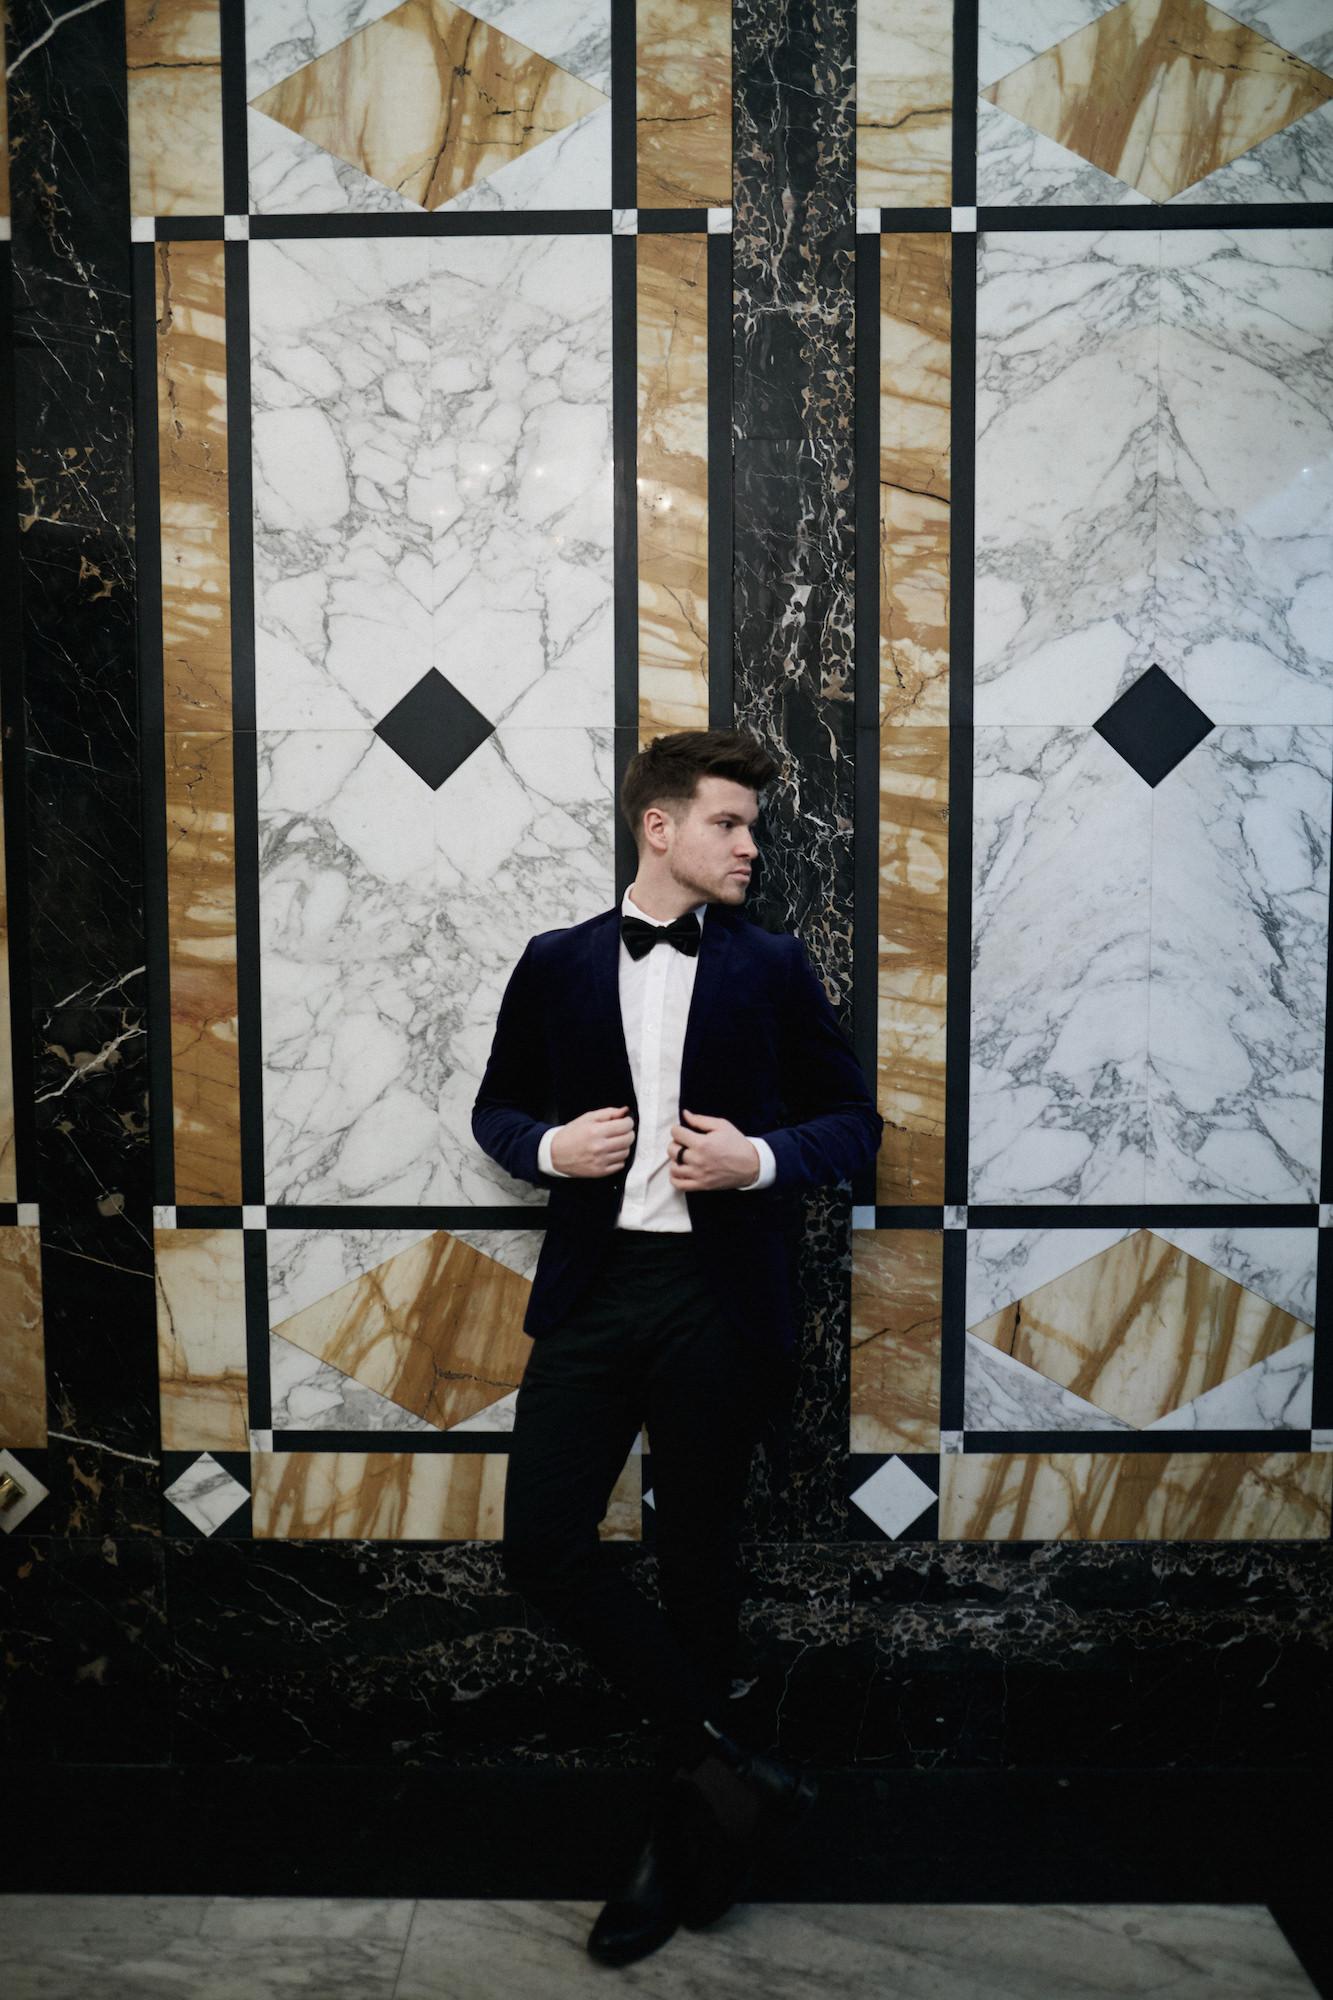 Elegantes Silvesteroutfit für Männer_Tiger of Sweden Samt Blazer_Meanwhile in Awesometown_Modeblogger_Mens Fashion und Lifestyleblogger_Wiener Blogger_Maleblogger21